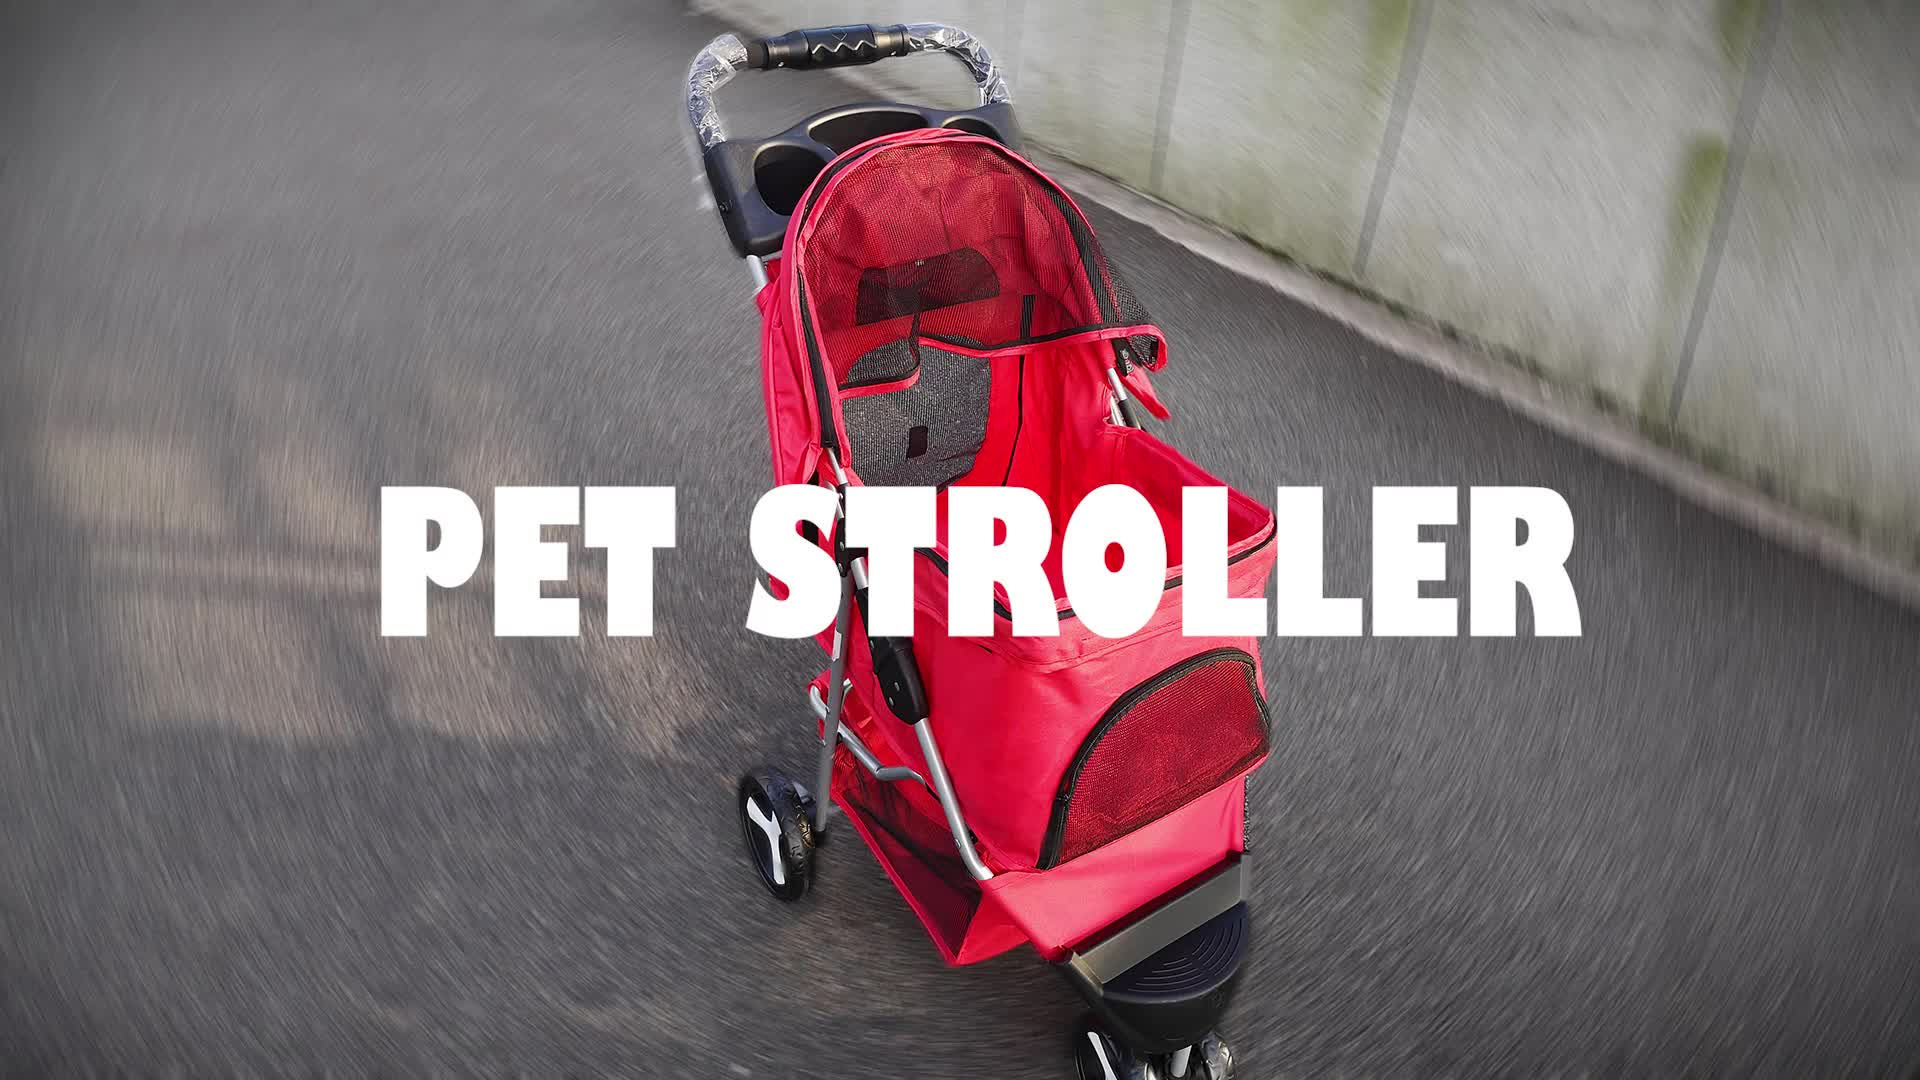 ペット用品ペットベビーカー 3 ホイール猫犬ケージベビーカー旅行折りたたみキャリア